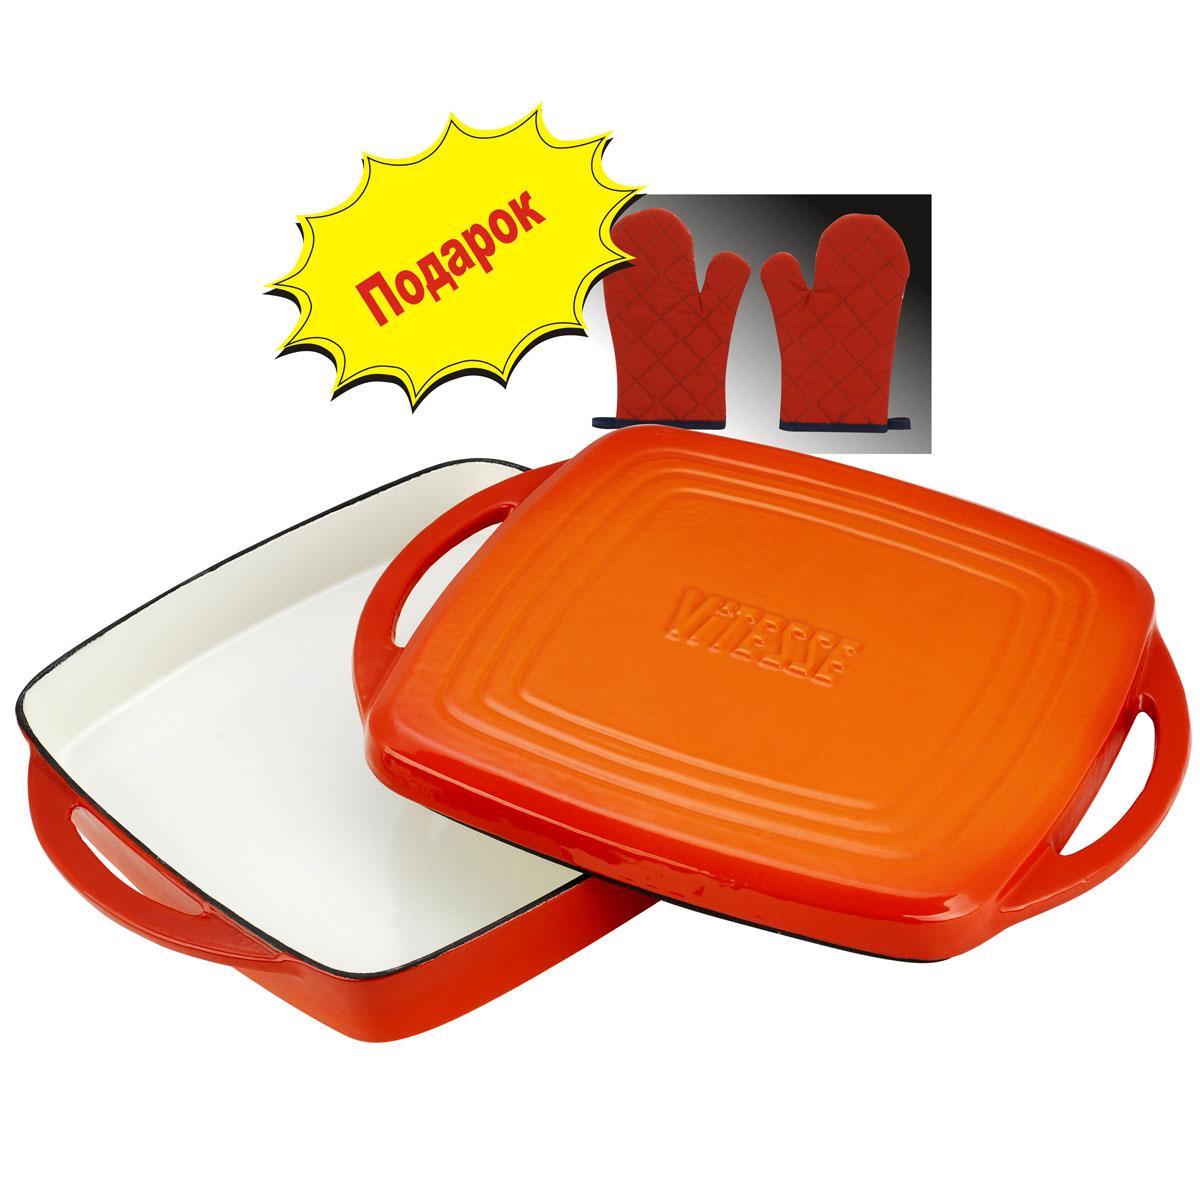 Жаровня Vitesse Ferro с крышкой-сковородой, цвет: оранжевый, 27 х 27 см + ПОДАРОК: Кухонные рукавицы, 2 штVS-2315Жаровня Vitesse Ferro изготовлена из чугуна с эмалированной внутренней и внешней поверхностью. Эмалированный чугун - это железо, на которое наложено прочное стекловидное эмалевое покрытие. Такая посуда отлично подходит для приготовления традиционной здоровой пищи. Чугун является наилучшим материалом, который долго удерживает и равномерно распределяет тепло. Благодаря особым качествам эмали, чем дольше вы используете посуду, тем лучше становятся ее эксплуатационные характеристики. Чугун обладает высокой прочностью, износоустойчивостью и антикоррозийными свойствами. Жаровня оснащена цельнолитыми чугунными ручками. Крышку очень удобно использовать как сковороду: рифленая поверхность создаст на продуктах аппетитную корочку. В подарок: - кухонные рукавицы. Можно готовить на газовых, электрических, стеклокерамических, галогенных, индукционных плитах. Подходит для мытья в посудомоечной машине и использования в духовом шкафу.